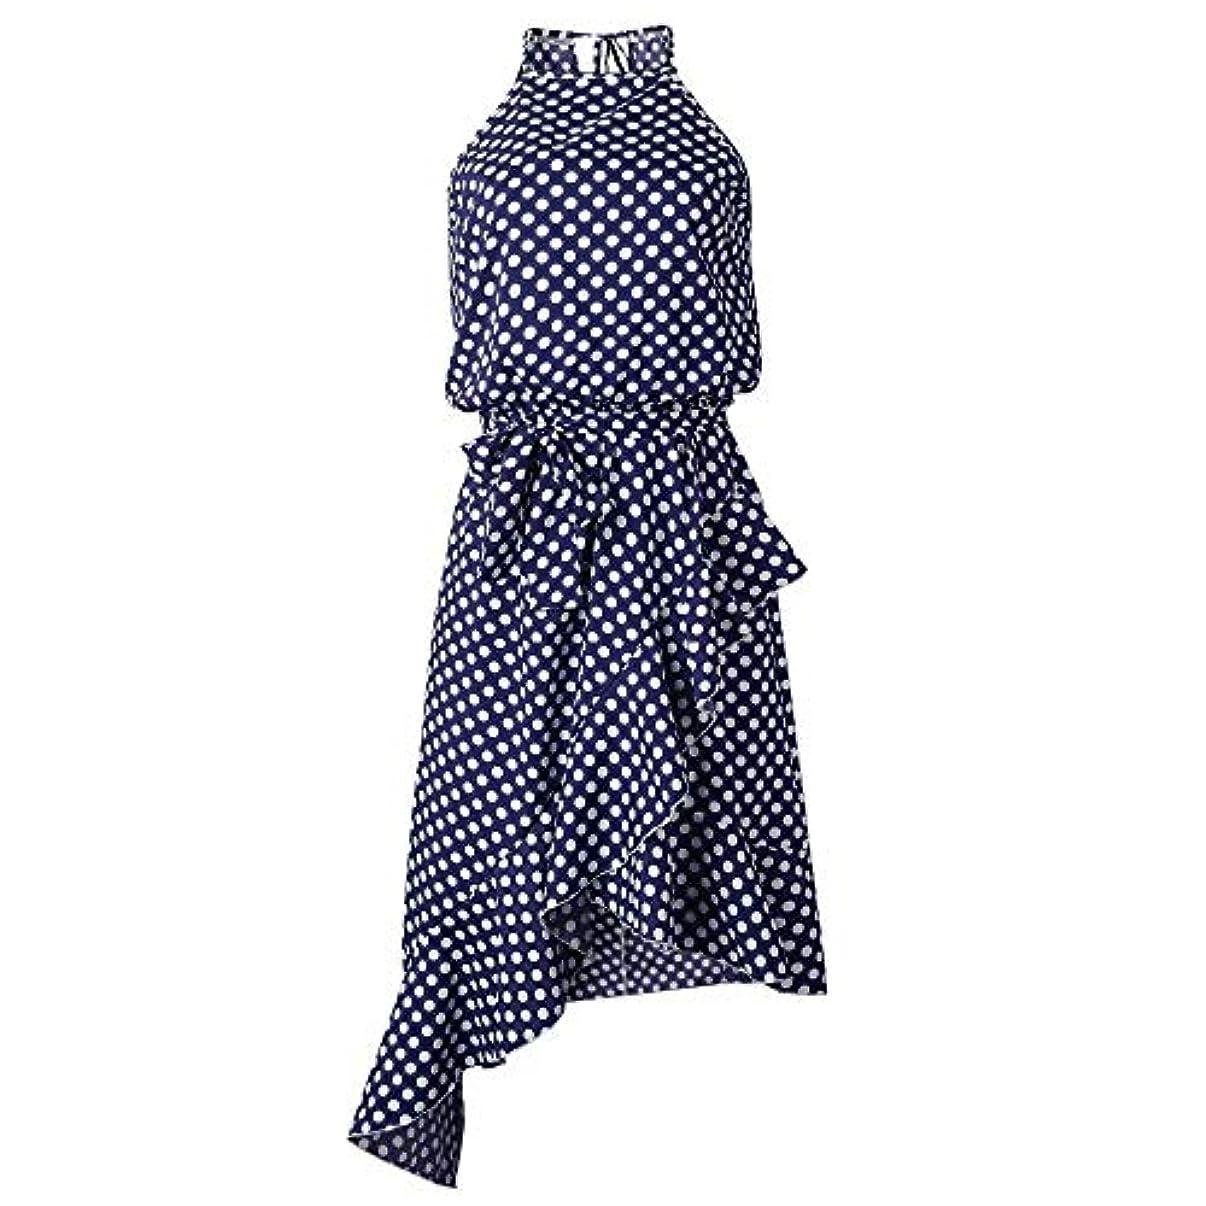 火山想定ジャズOnderroa - 夏のドレスの女性の新しいファッションホルターポルカドットプリントカジュアルドレスレディースフリルエレガントなドレス